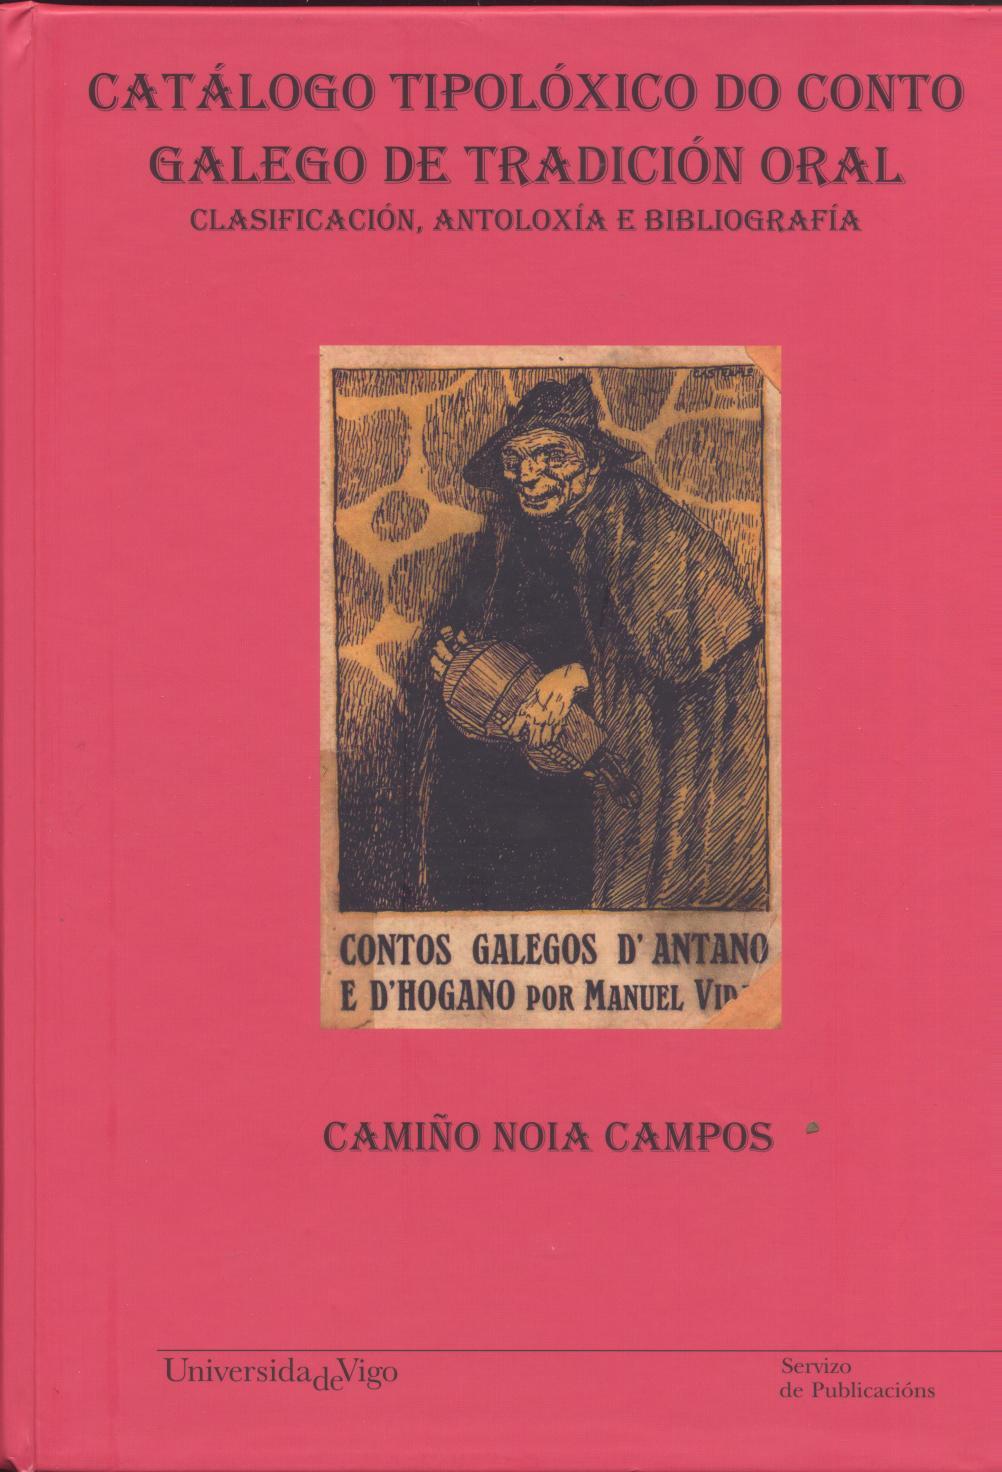 catlogo_tipolxico_do_conto_galego_de_tradicin_oral